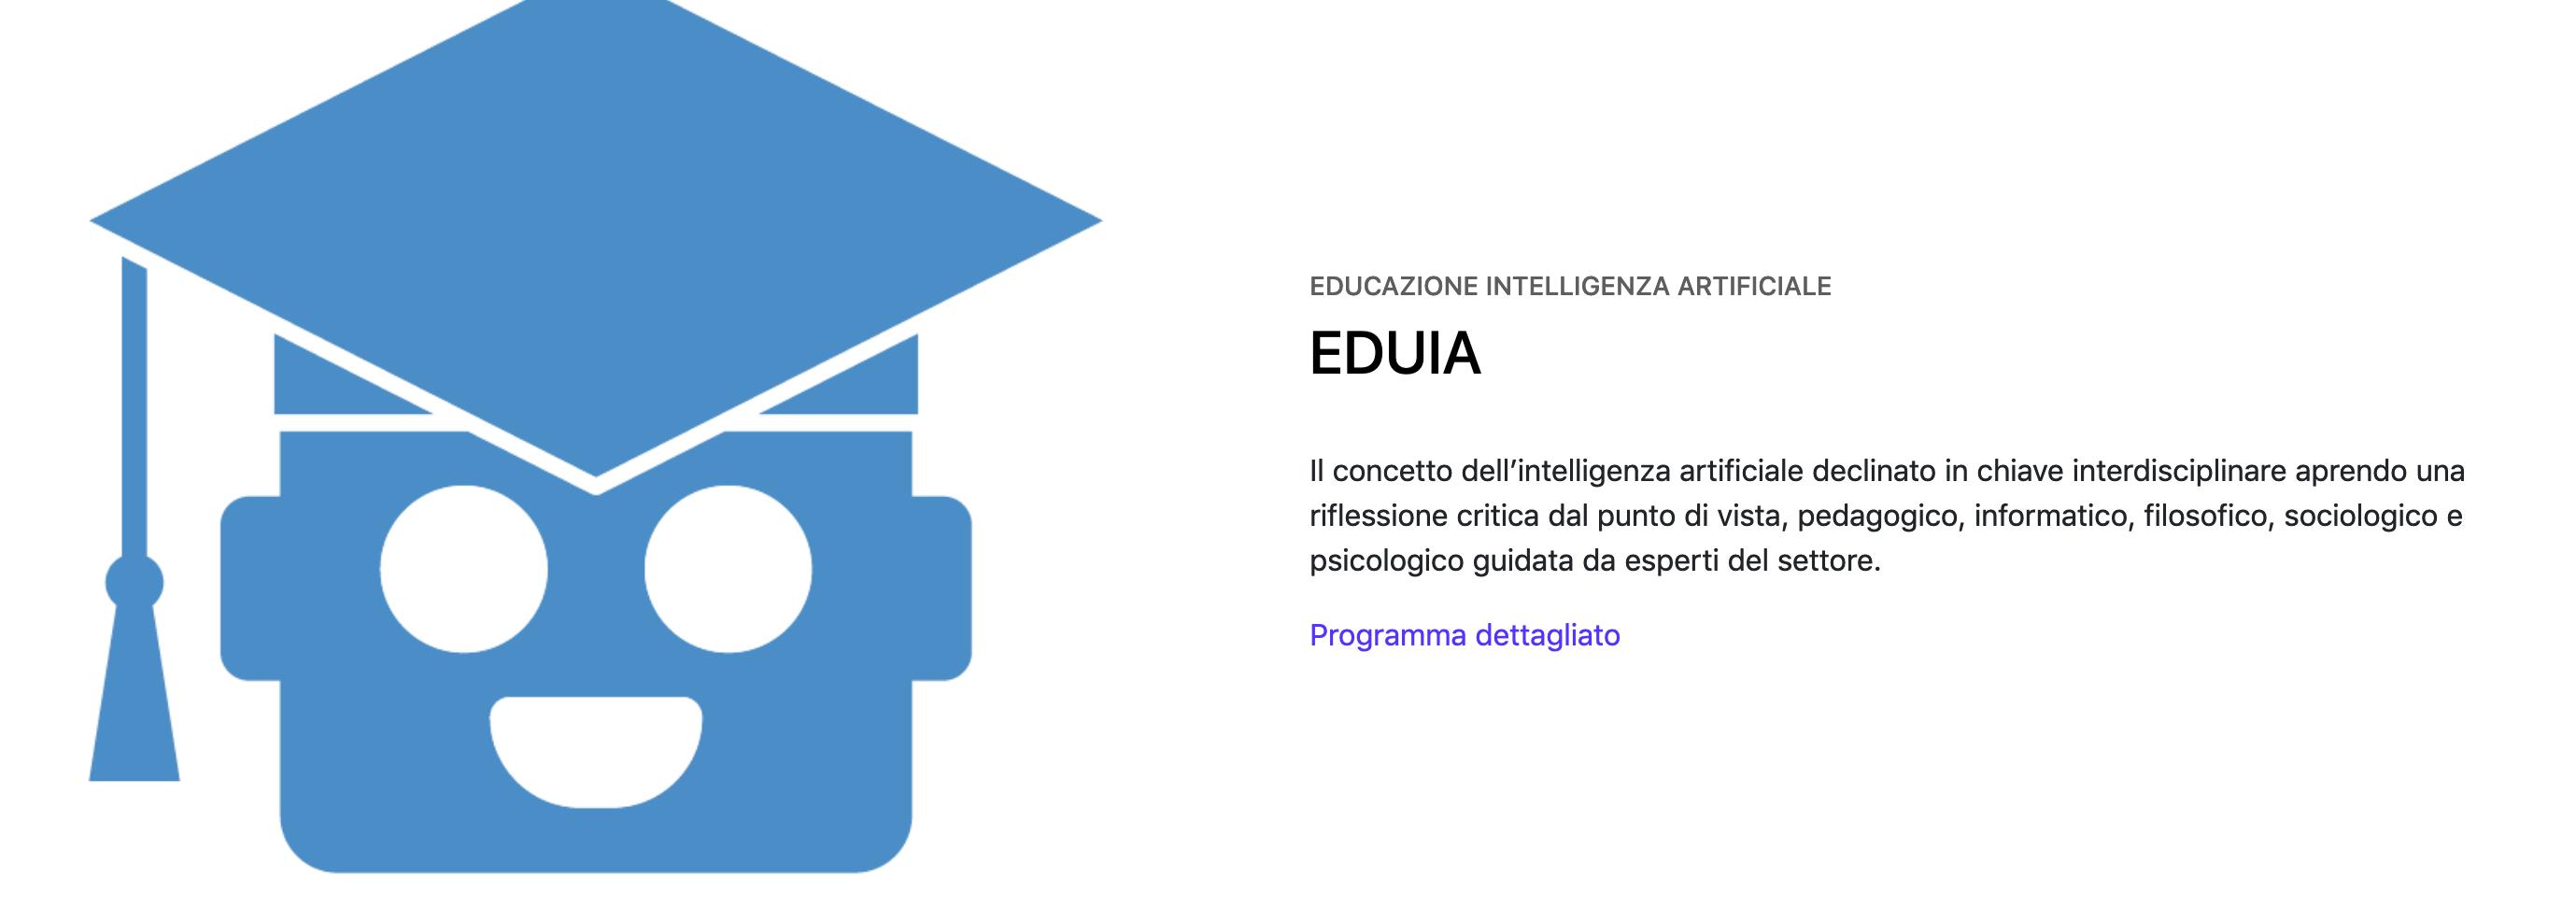 HER: She Loves Data at EduIA